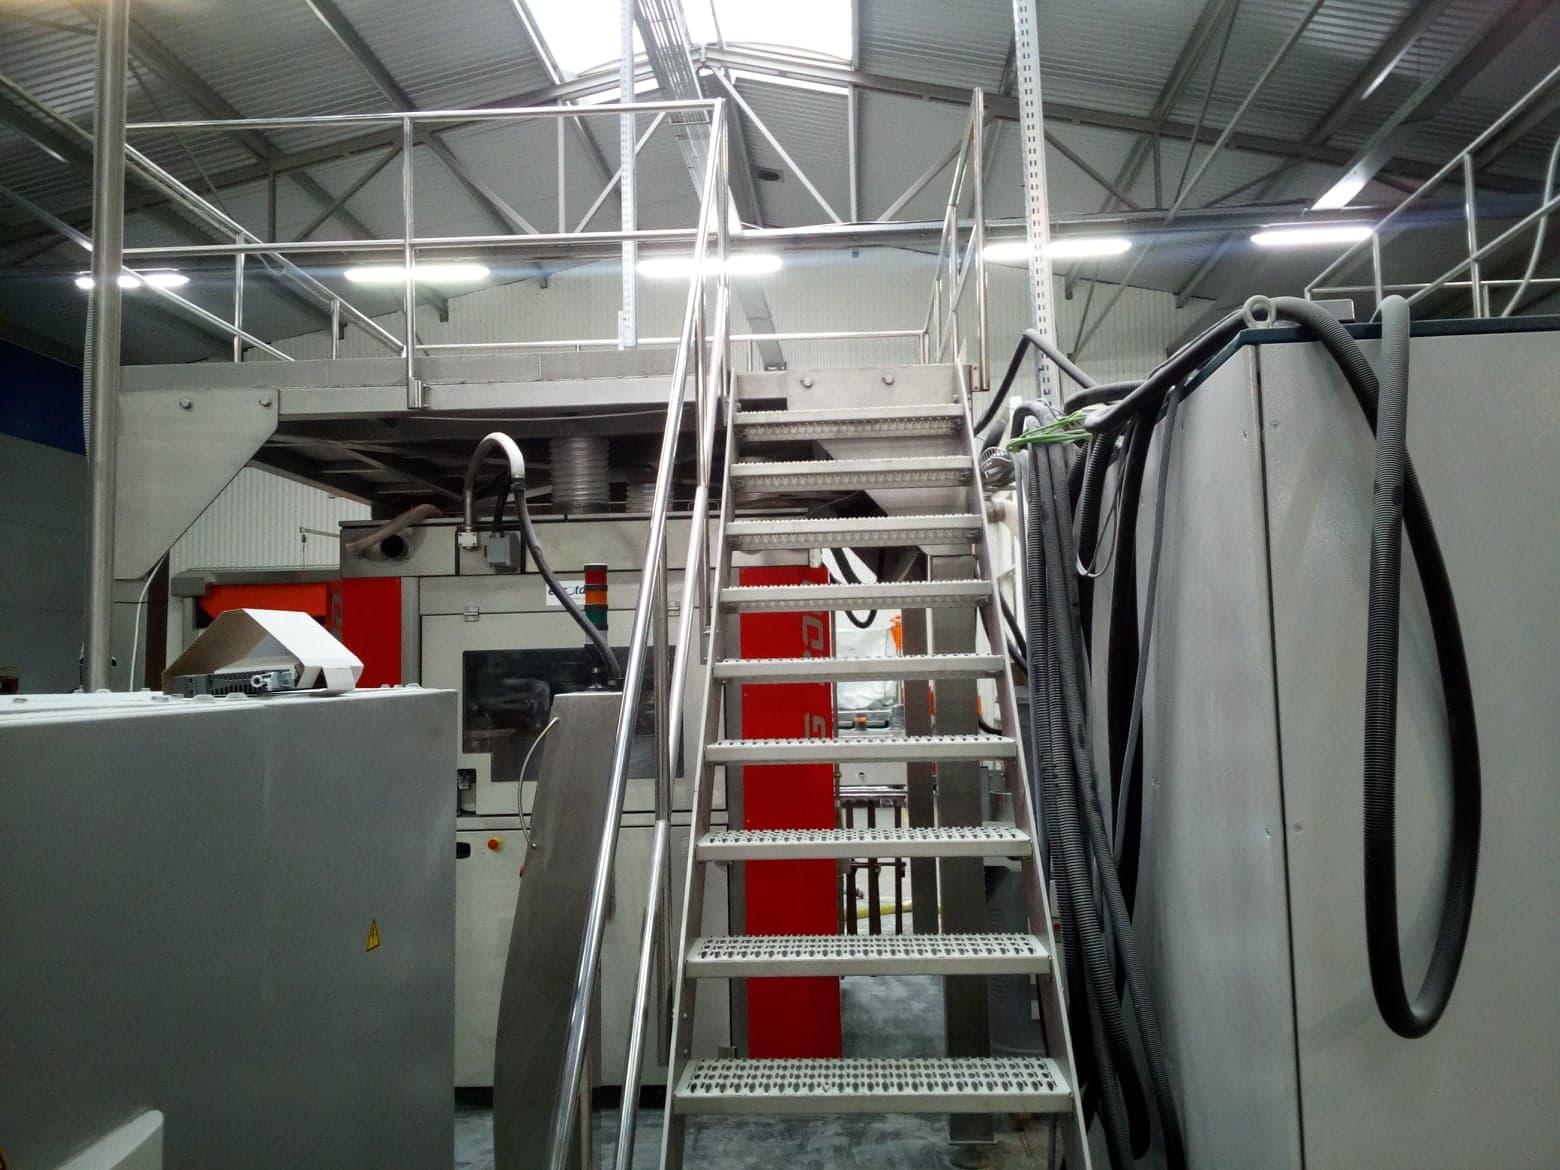 podest - konstrukcje stalowe dla produkcji stanowisko pracy